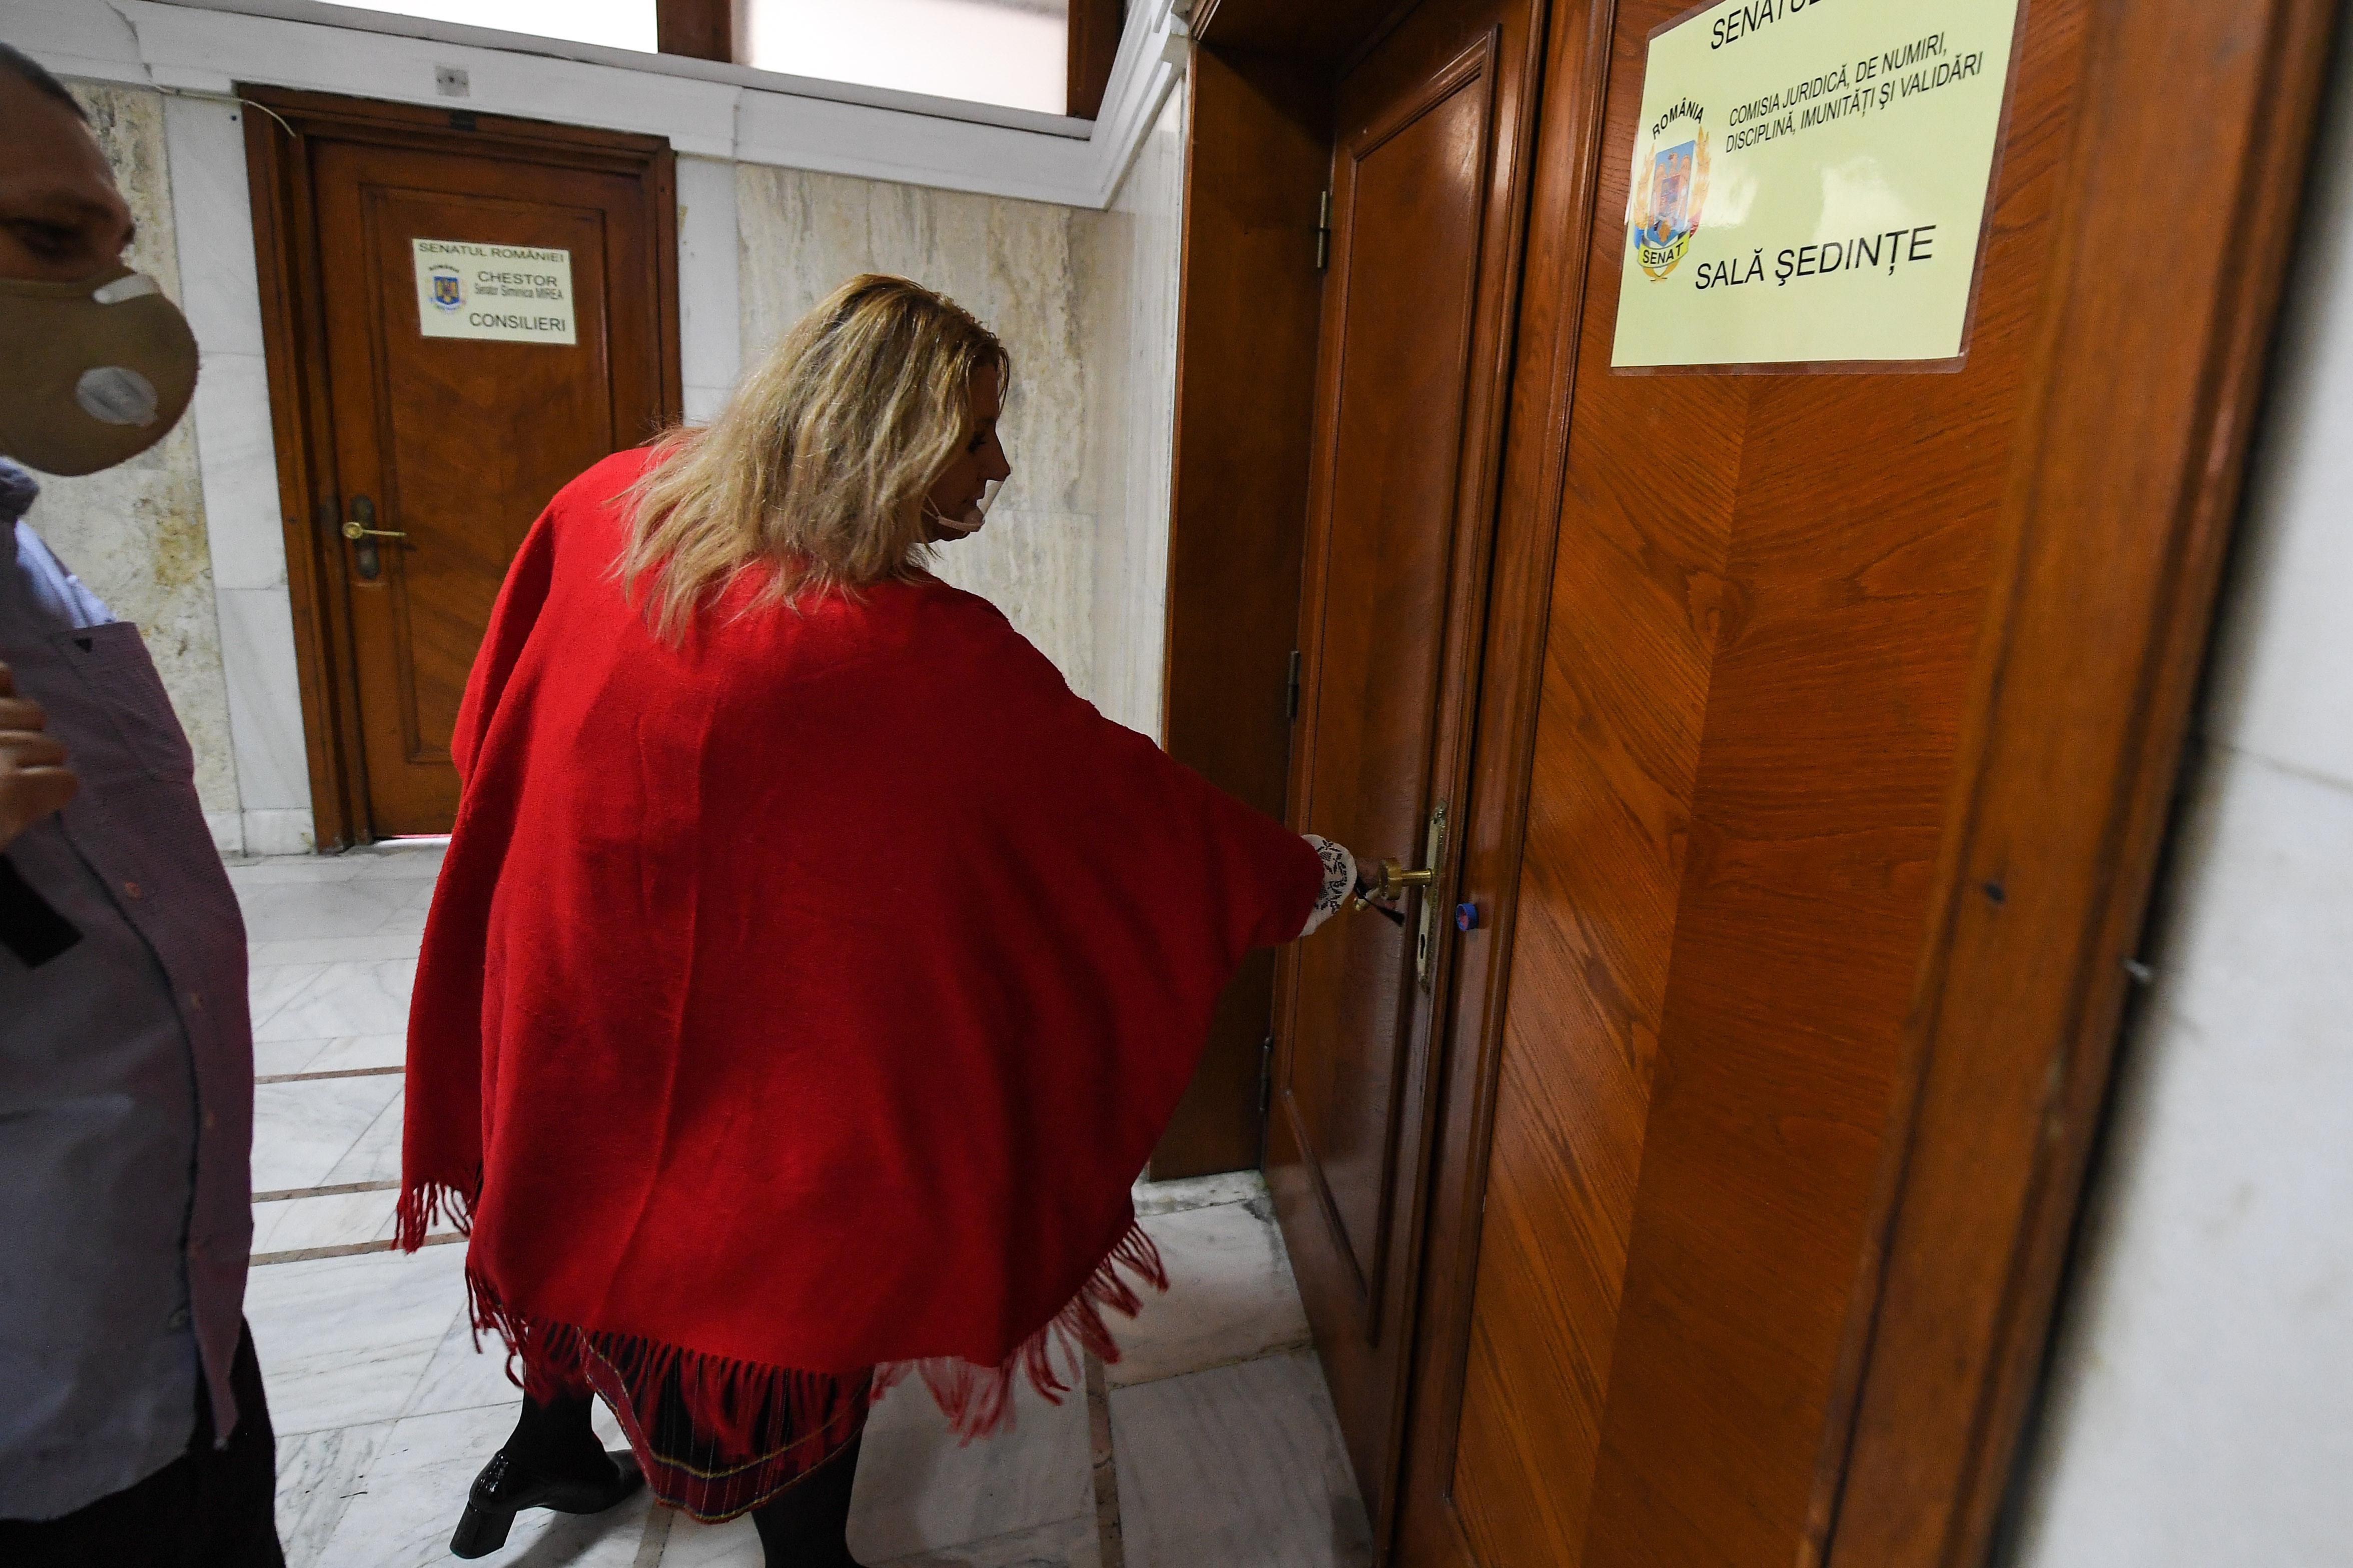 Membrii Comisiei Juridice s-au încuiat cu cheia în sală, de teamă să nu intre Diana Șoșoacă